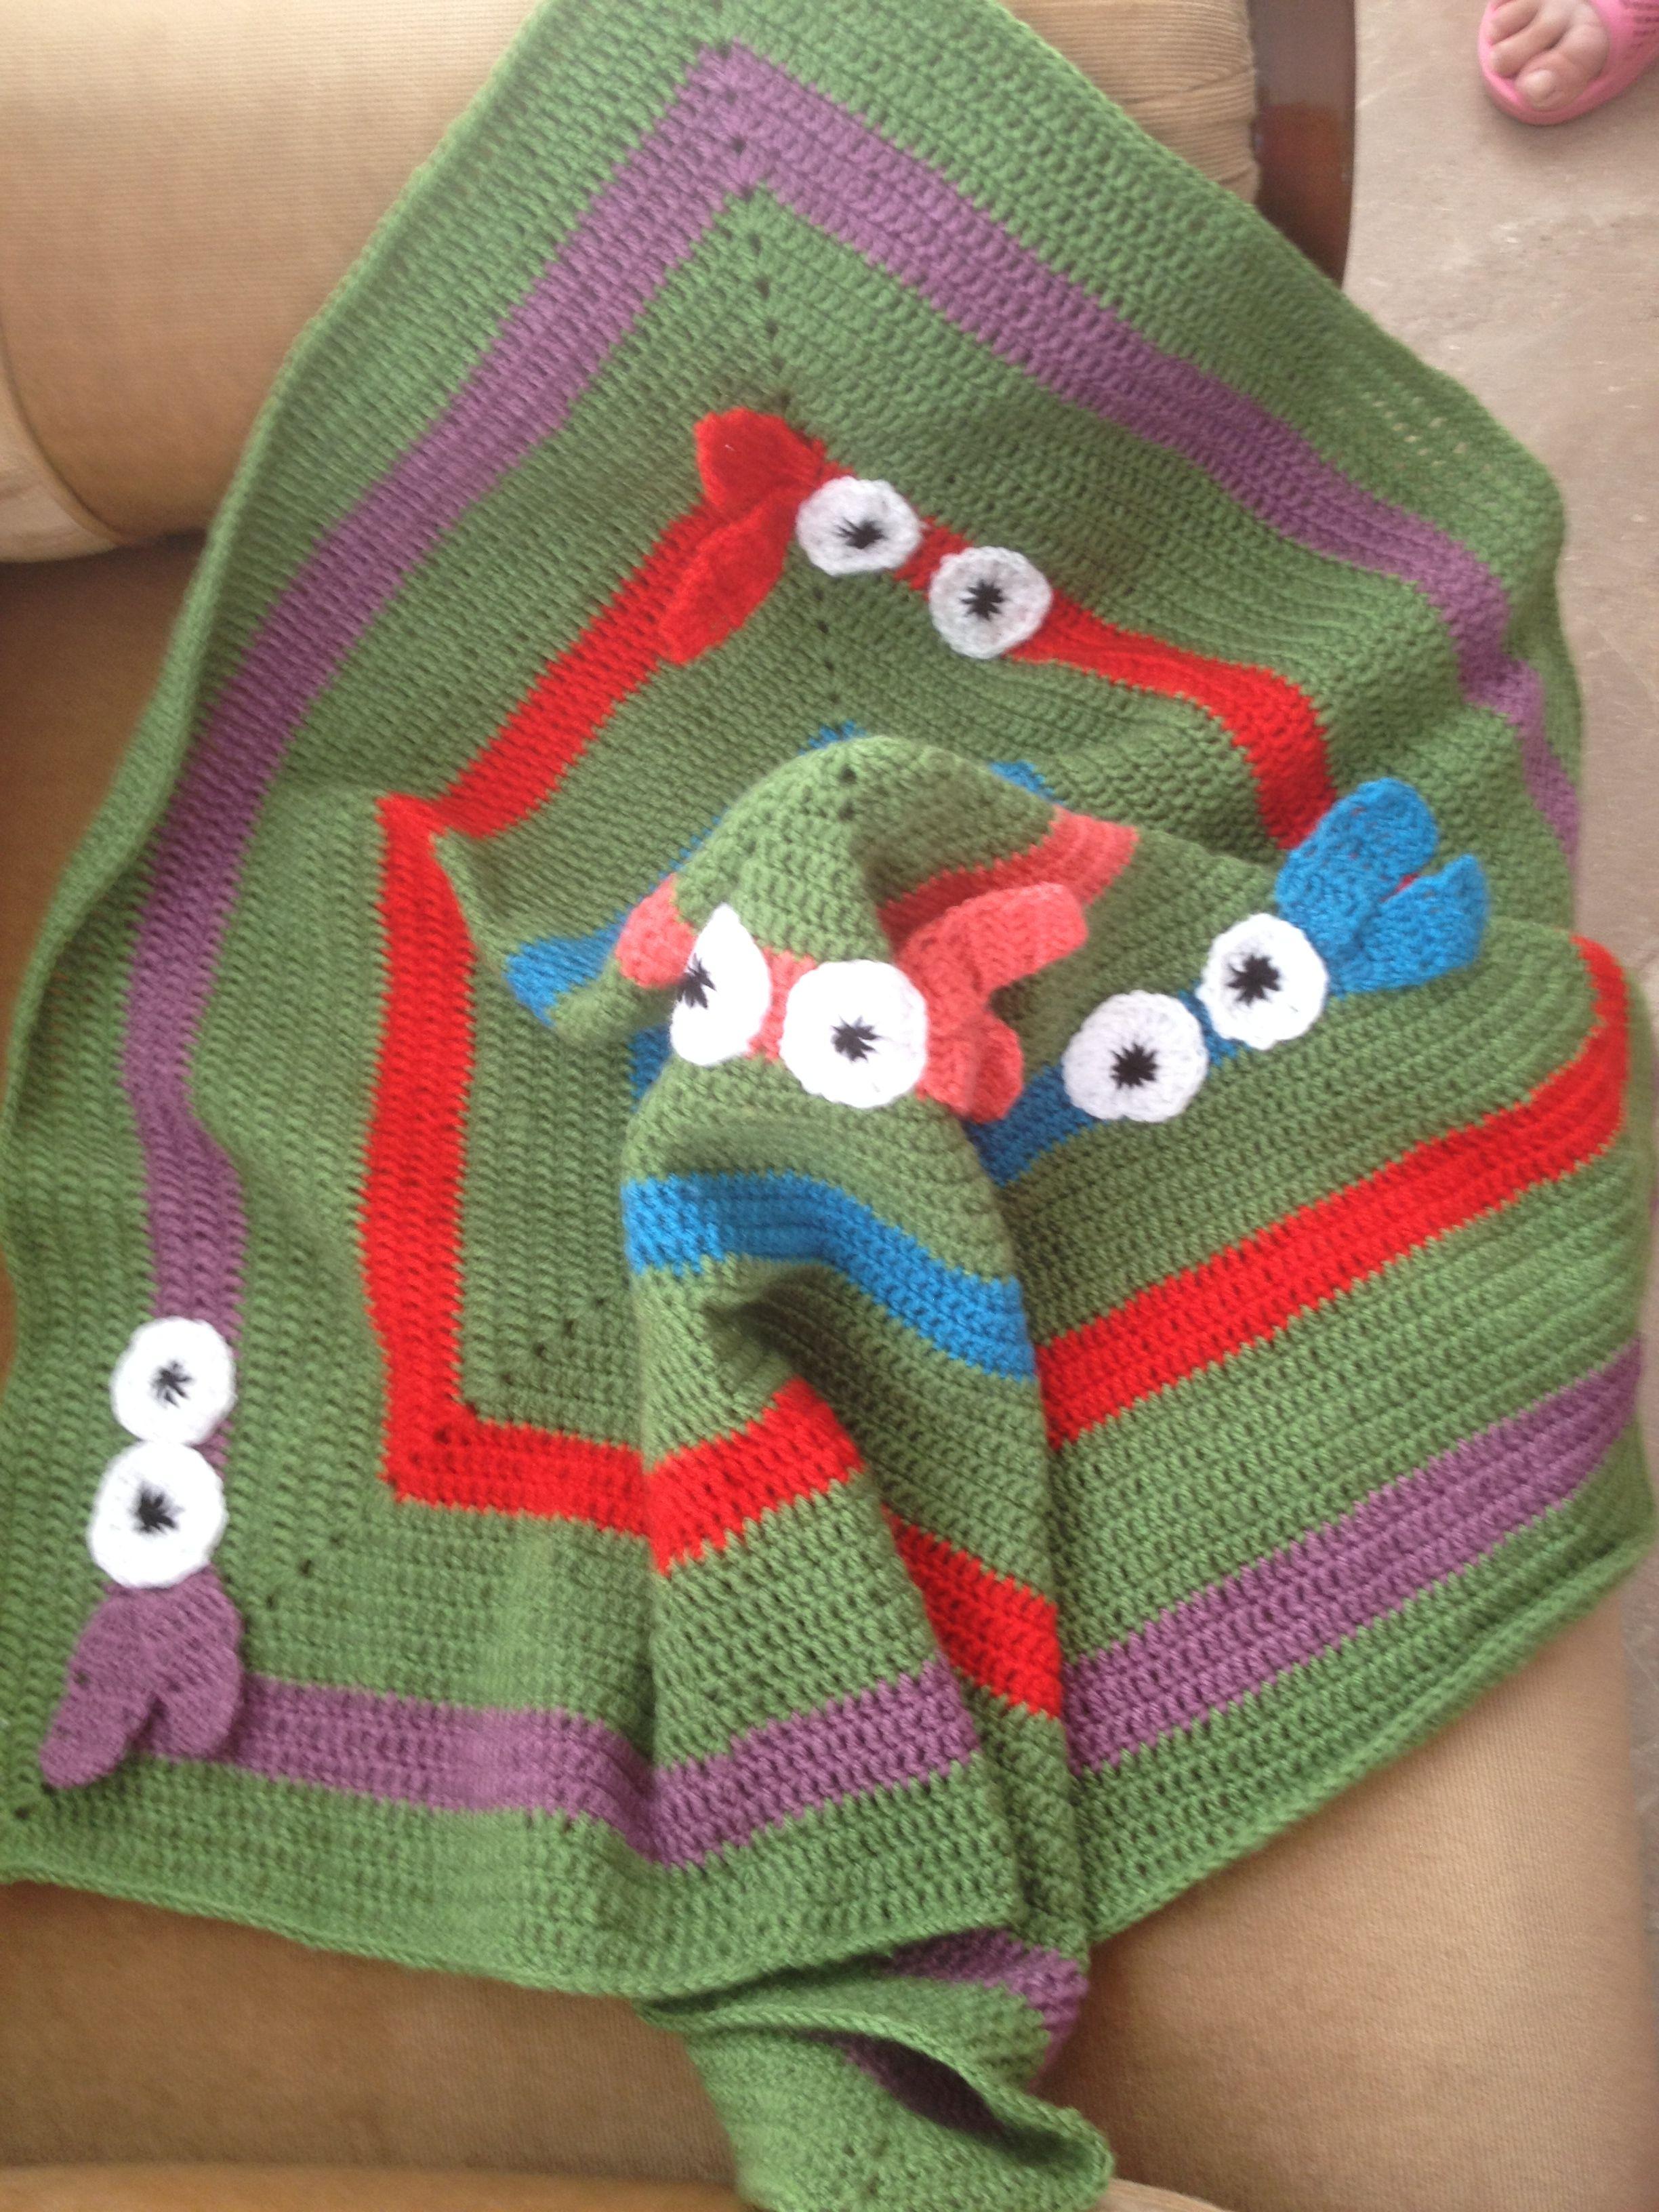 TanciCraft Handmade Crochet adlı kullanıcının Handmade